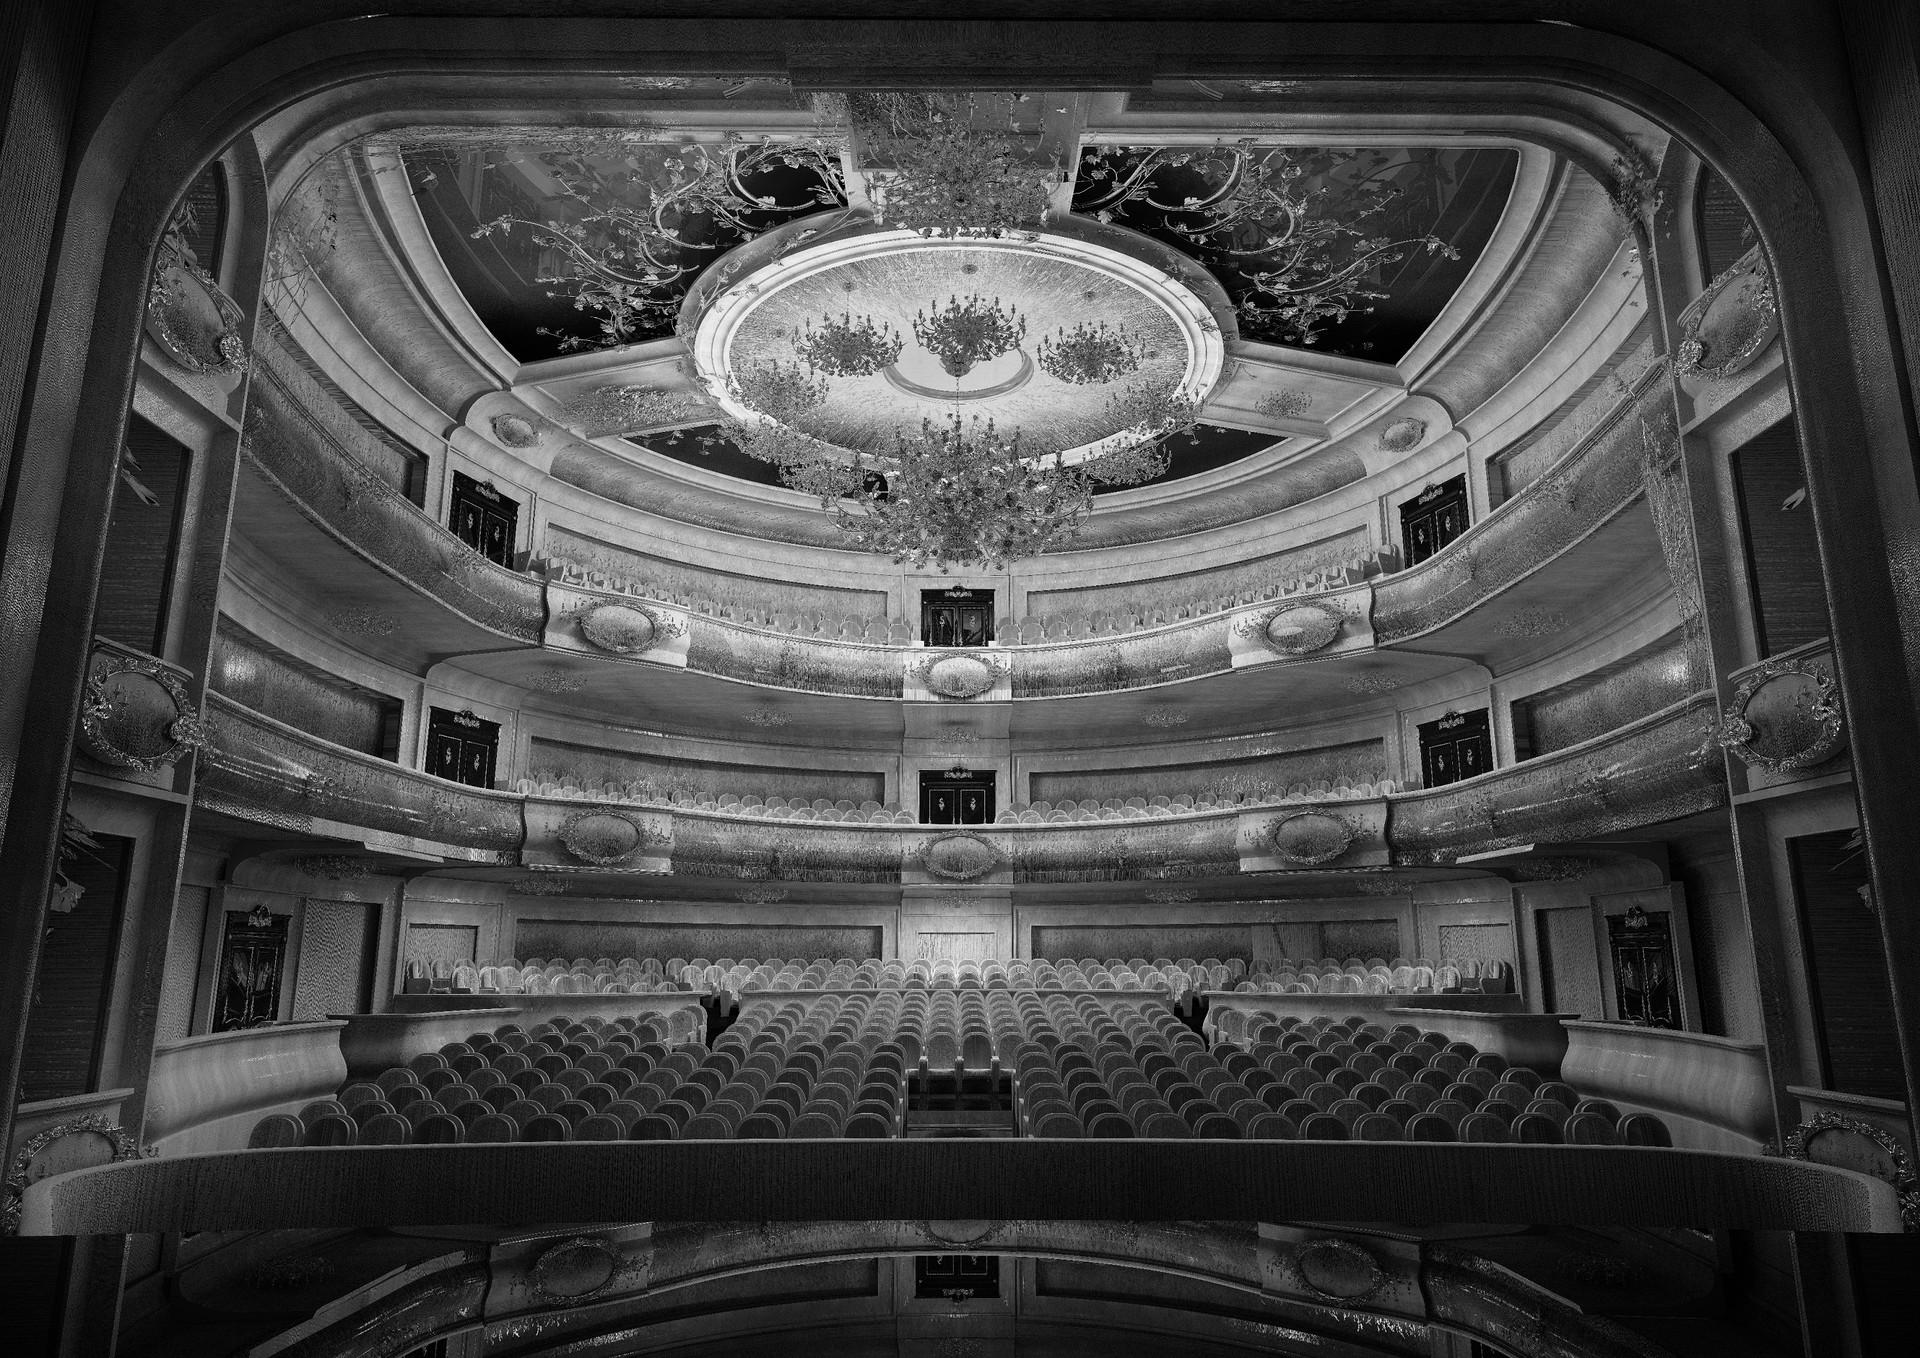 Opera. Progetto d'interno per il Teatro dell'Opera di Voronezh, 2017, carta, stampa serigrafica